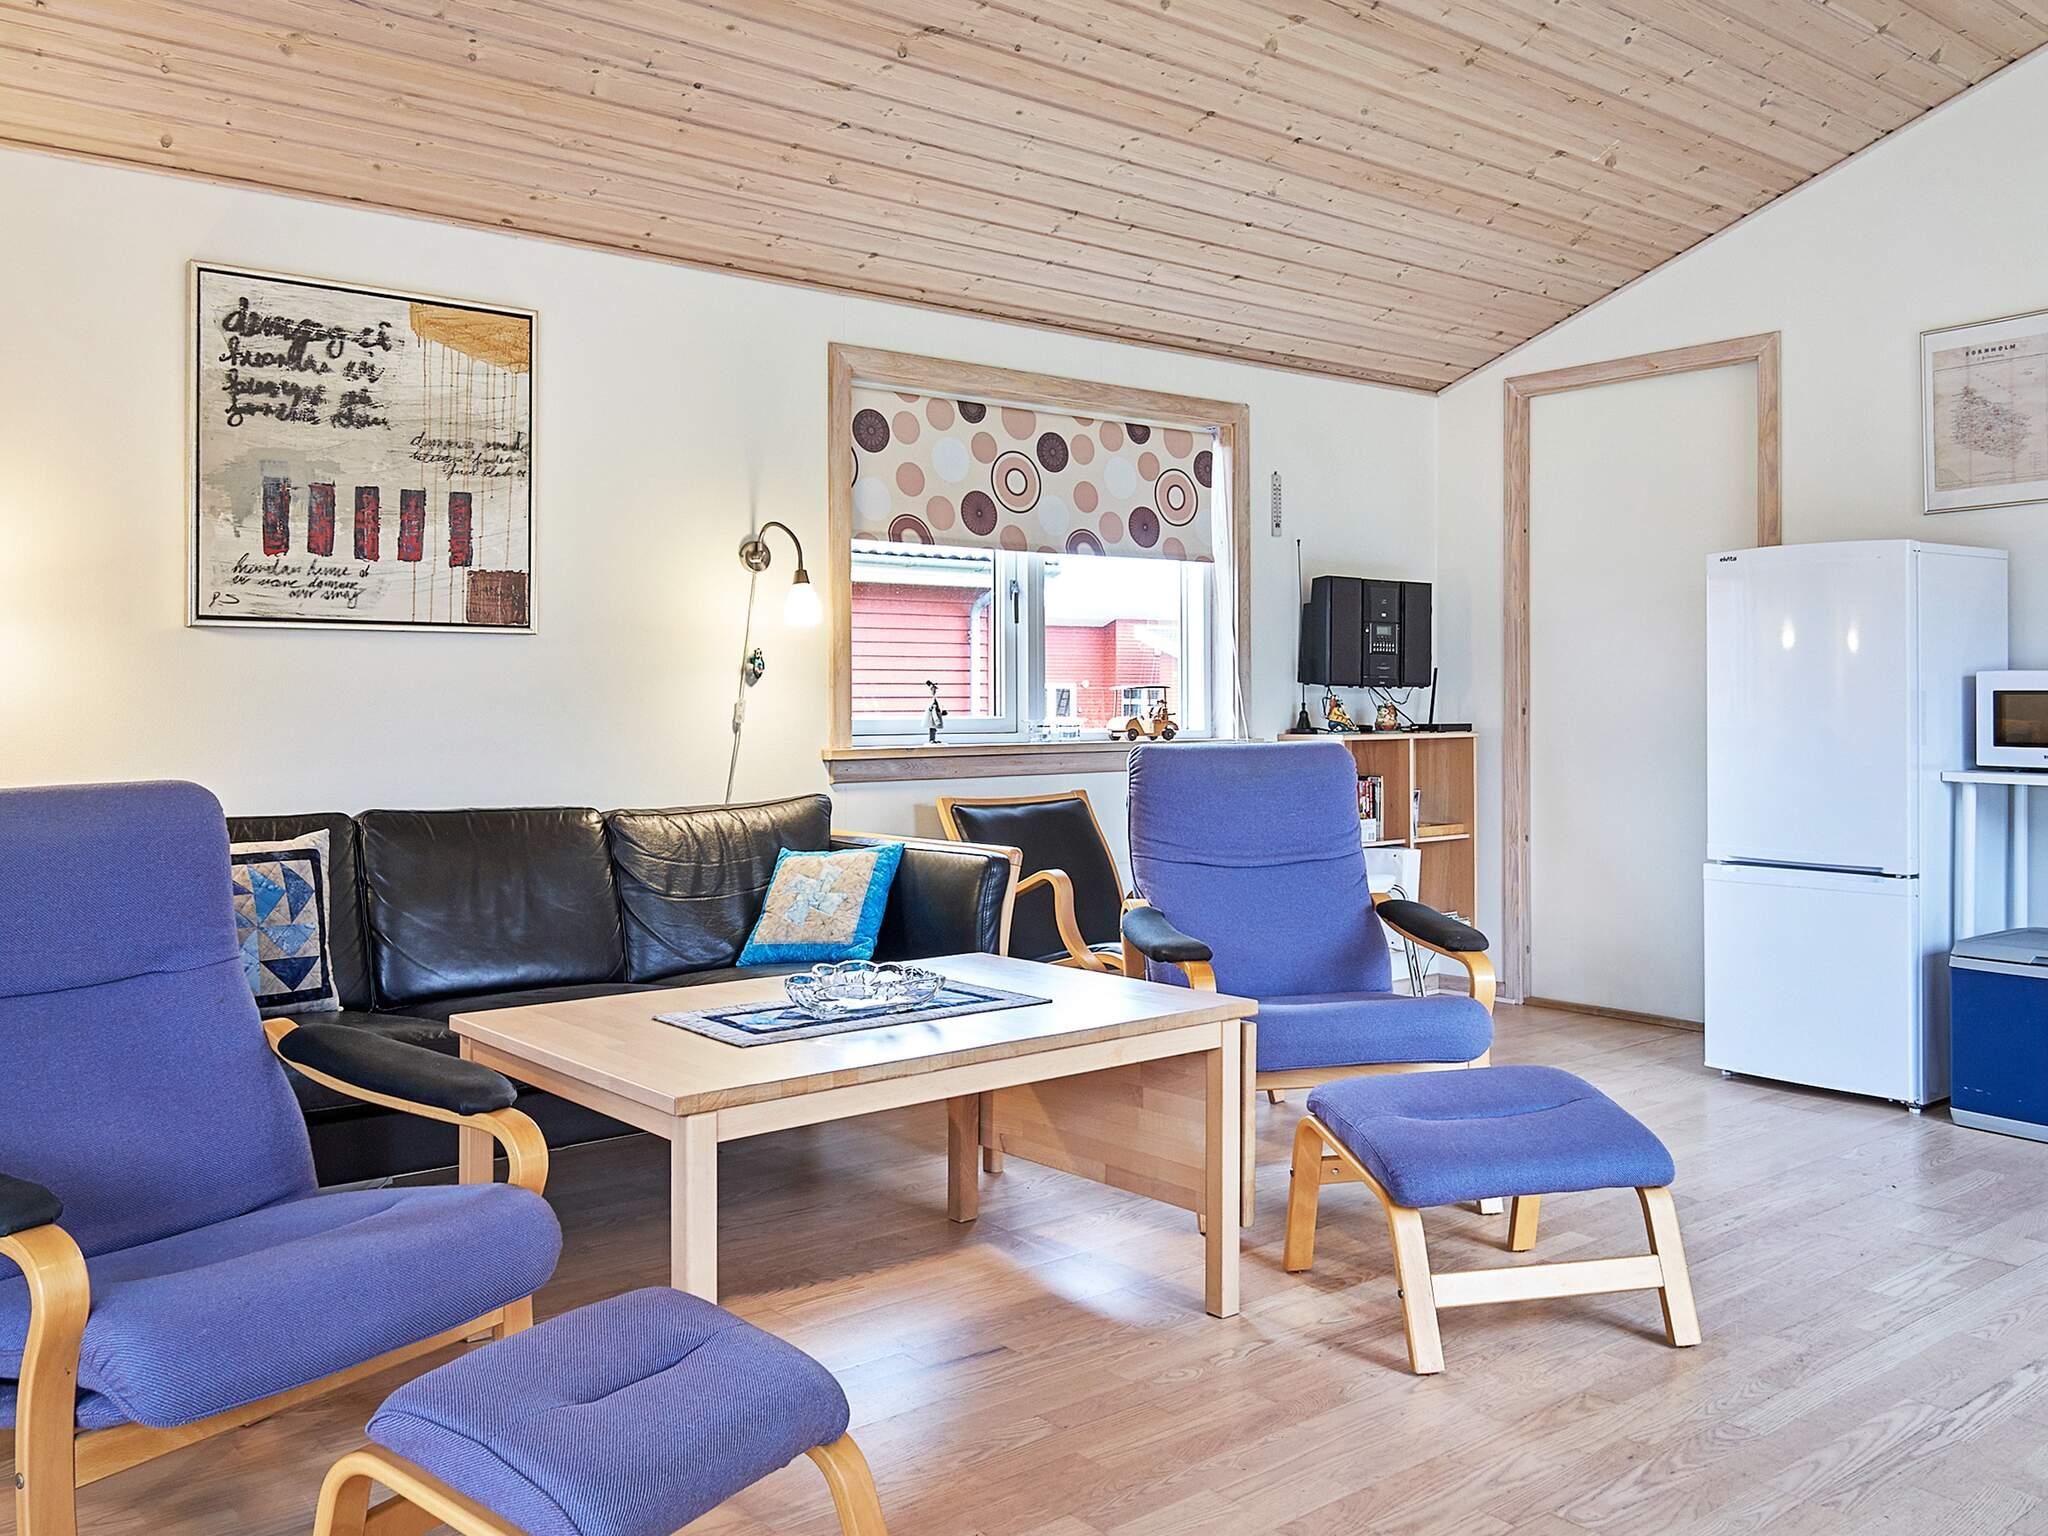 Ferienhaus Rø/Gudhjem (251659), Gudhjem, , Bornholm, Dänemark, Bild 2